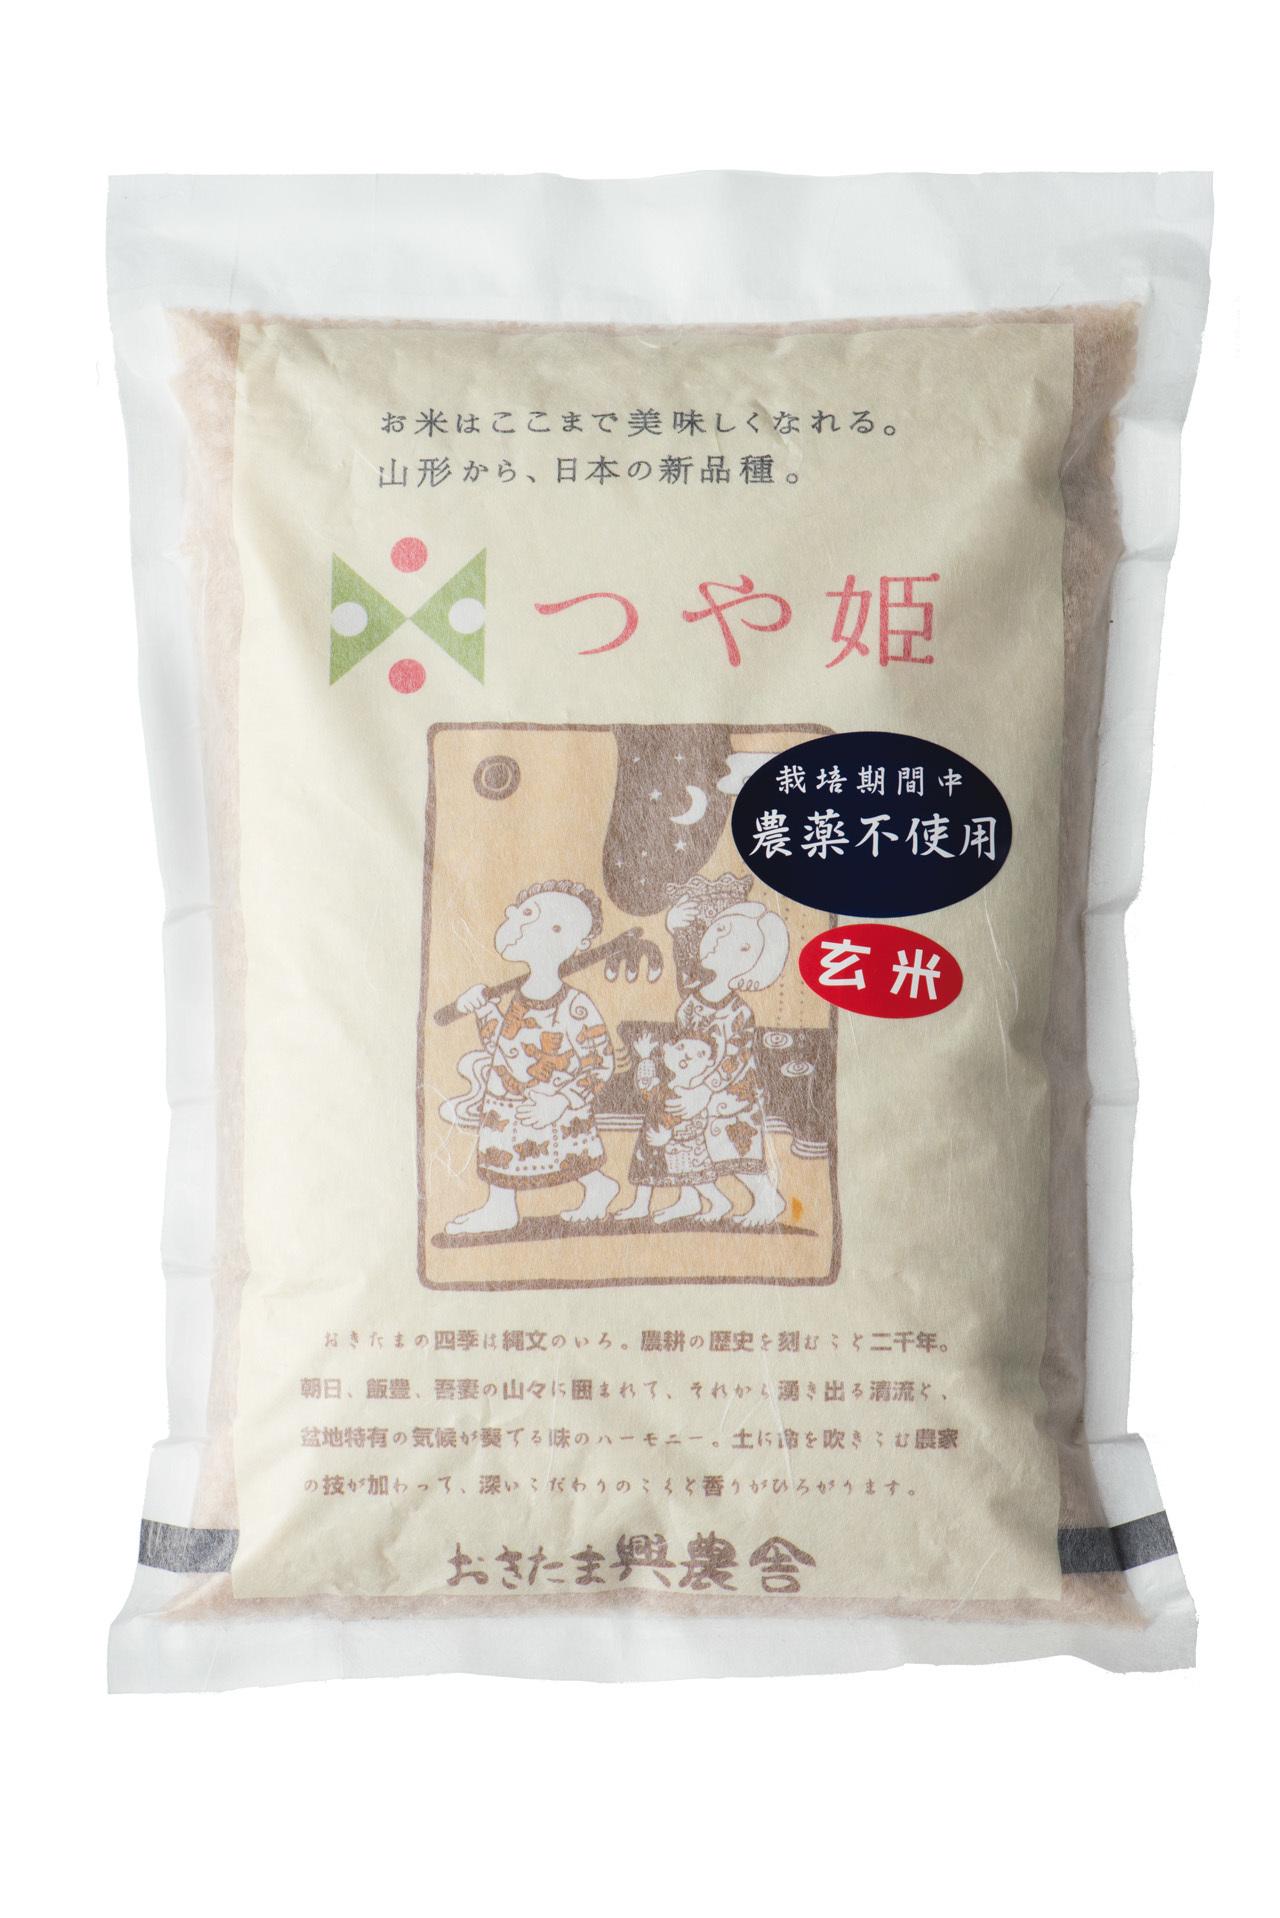 無農薬がうれしいおきたま興農舎の「山形・つや姫化学農薬不使用米」_1_1